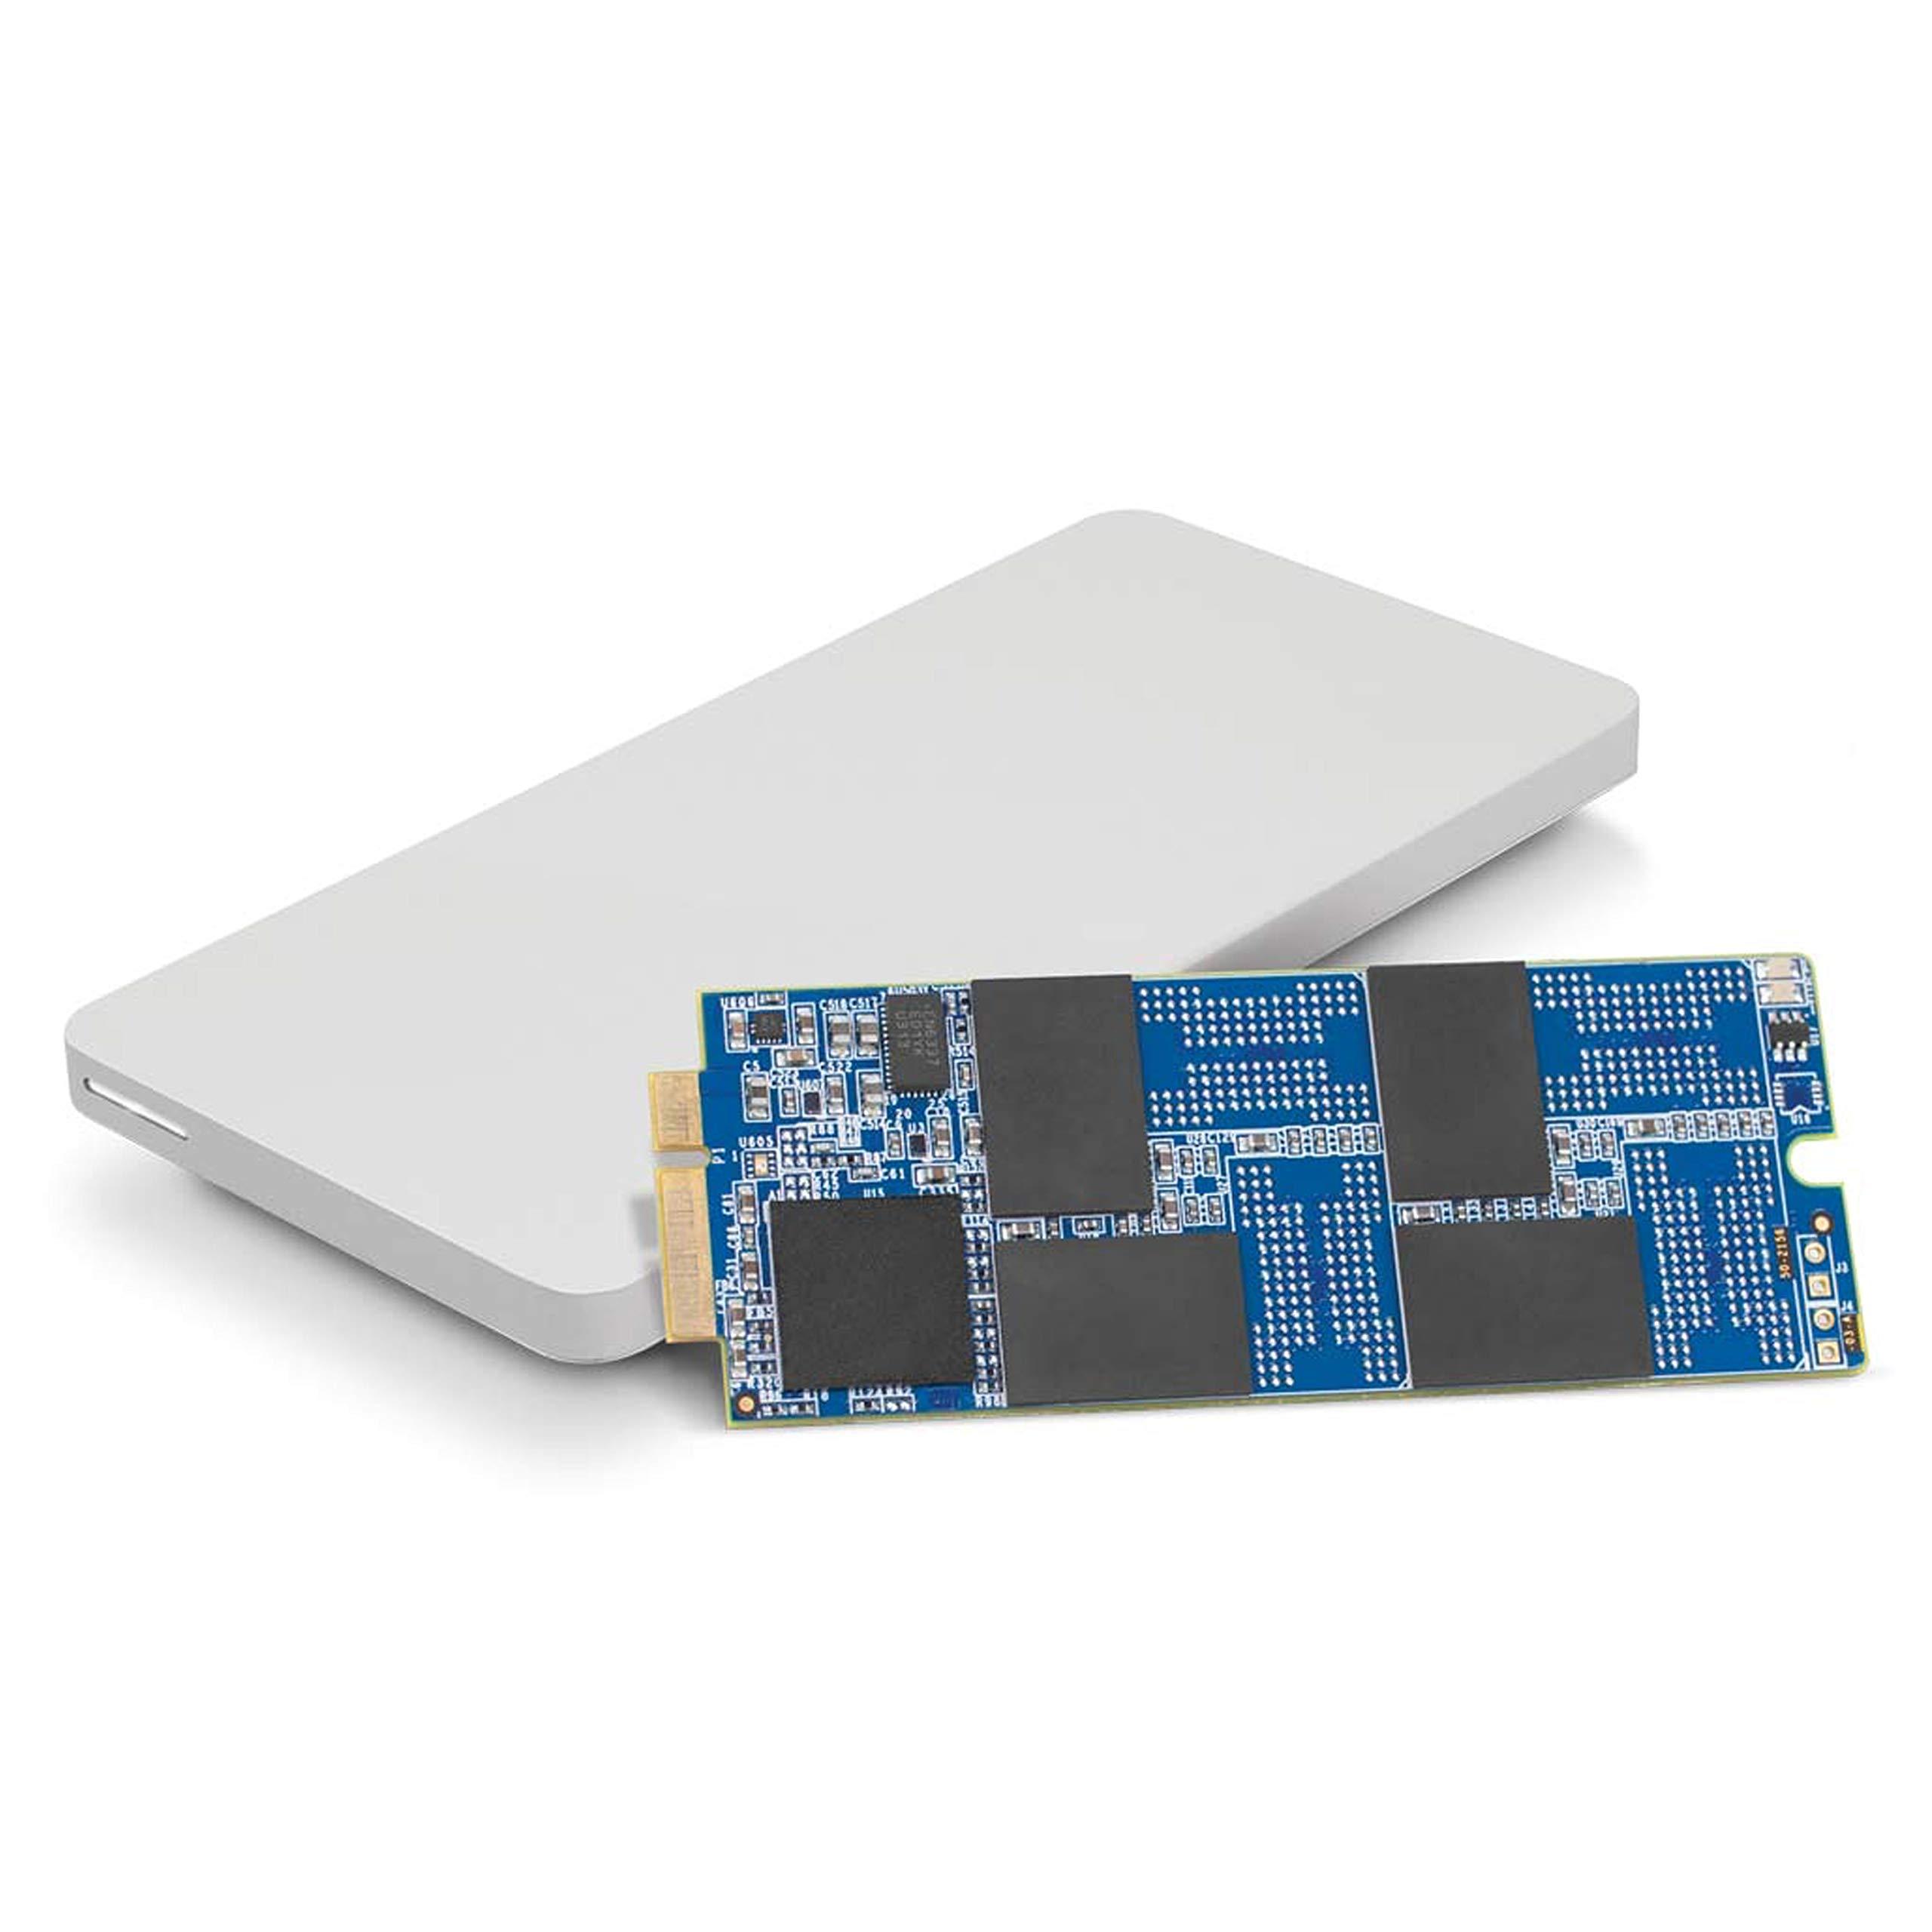 SSD MAC 250GB  OWC 250GB Aura Pro 6G and Envoy Pro Upgrade K